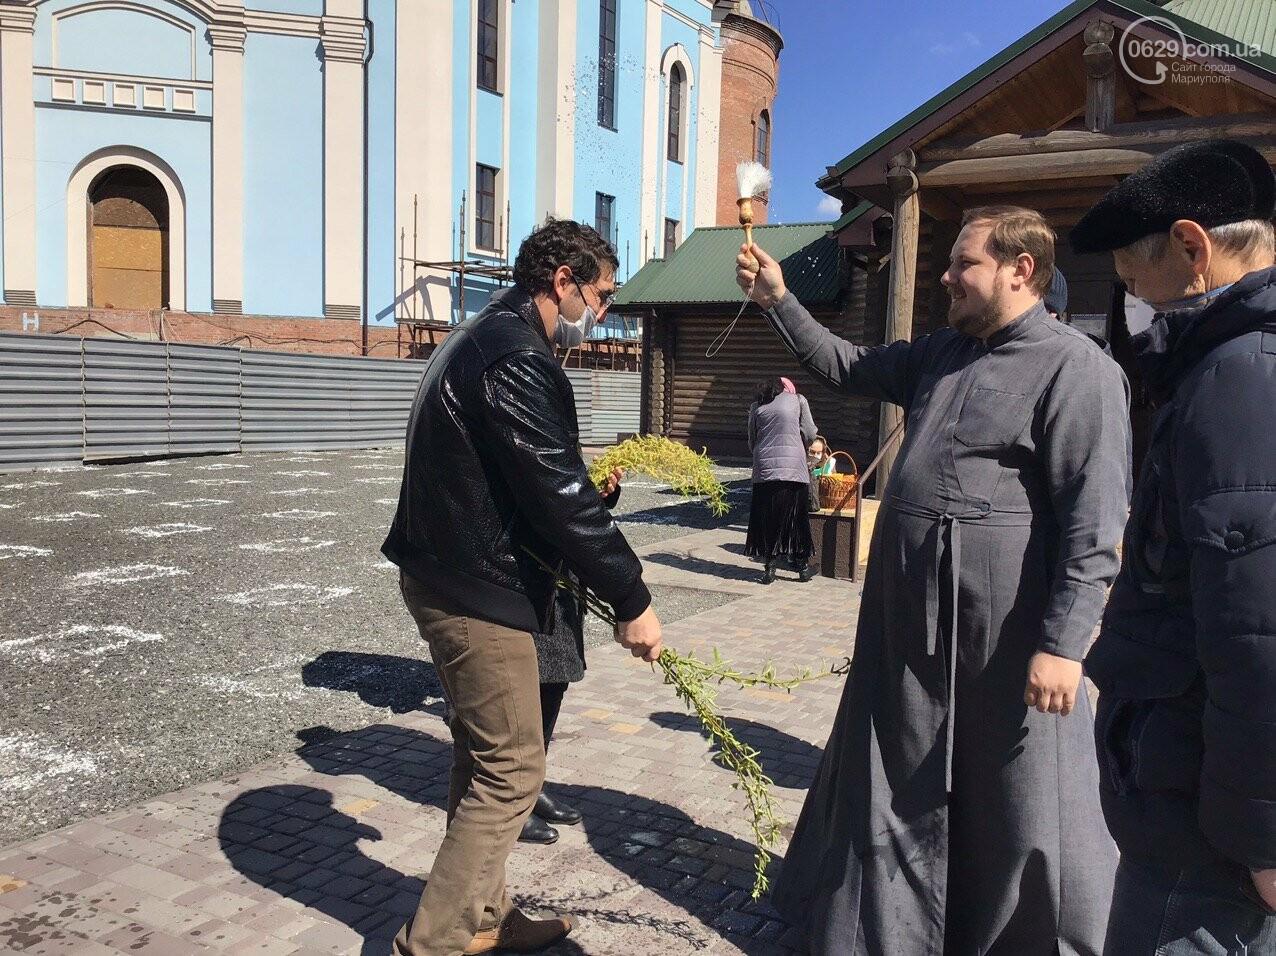 Вербное воскресенье в Мариуполе: как в храмах соблюдают карантин, - ФОТО, ВИДЕО, фото-8